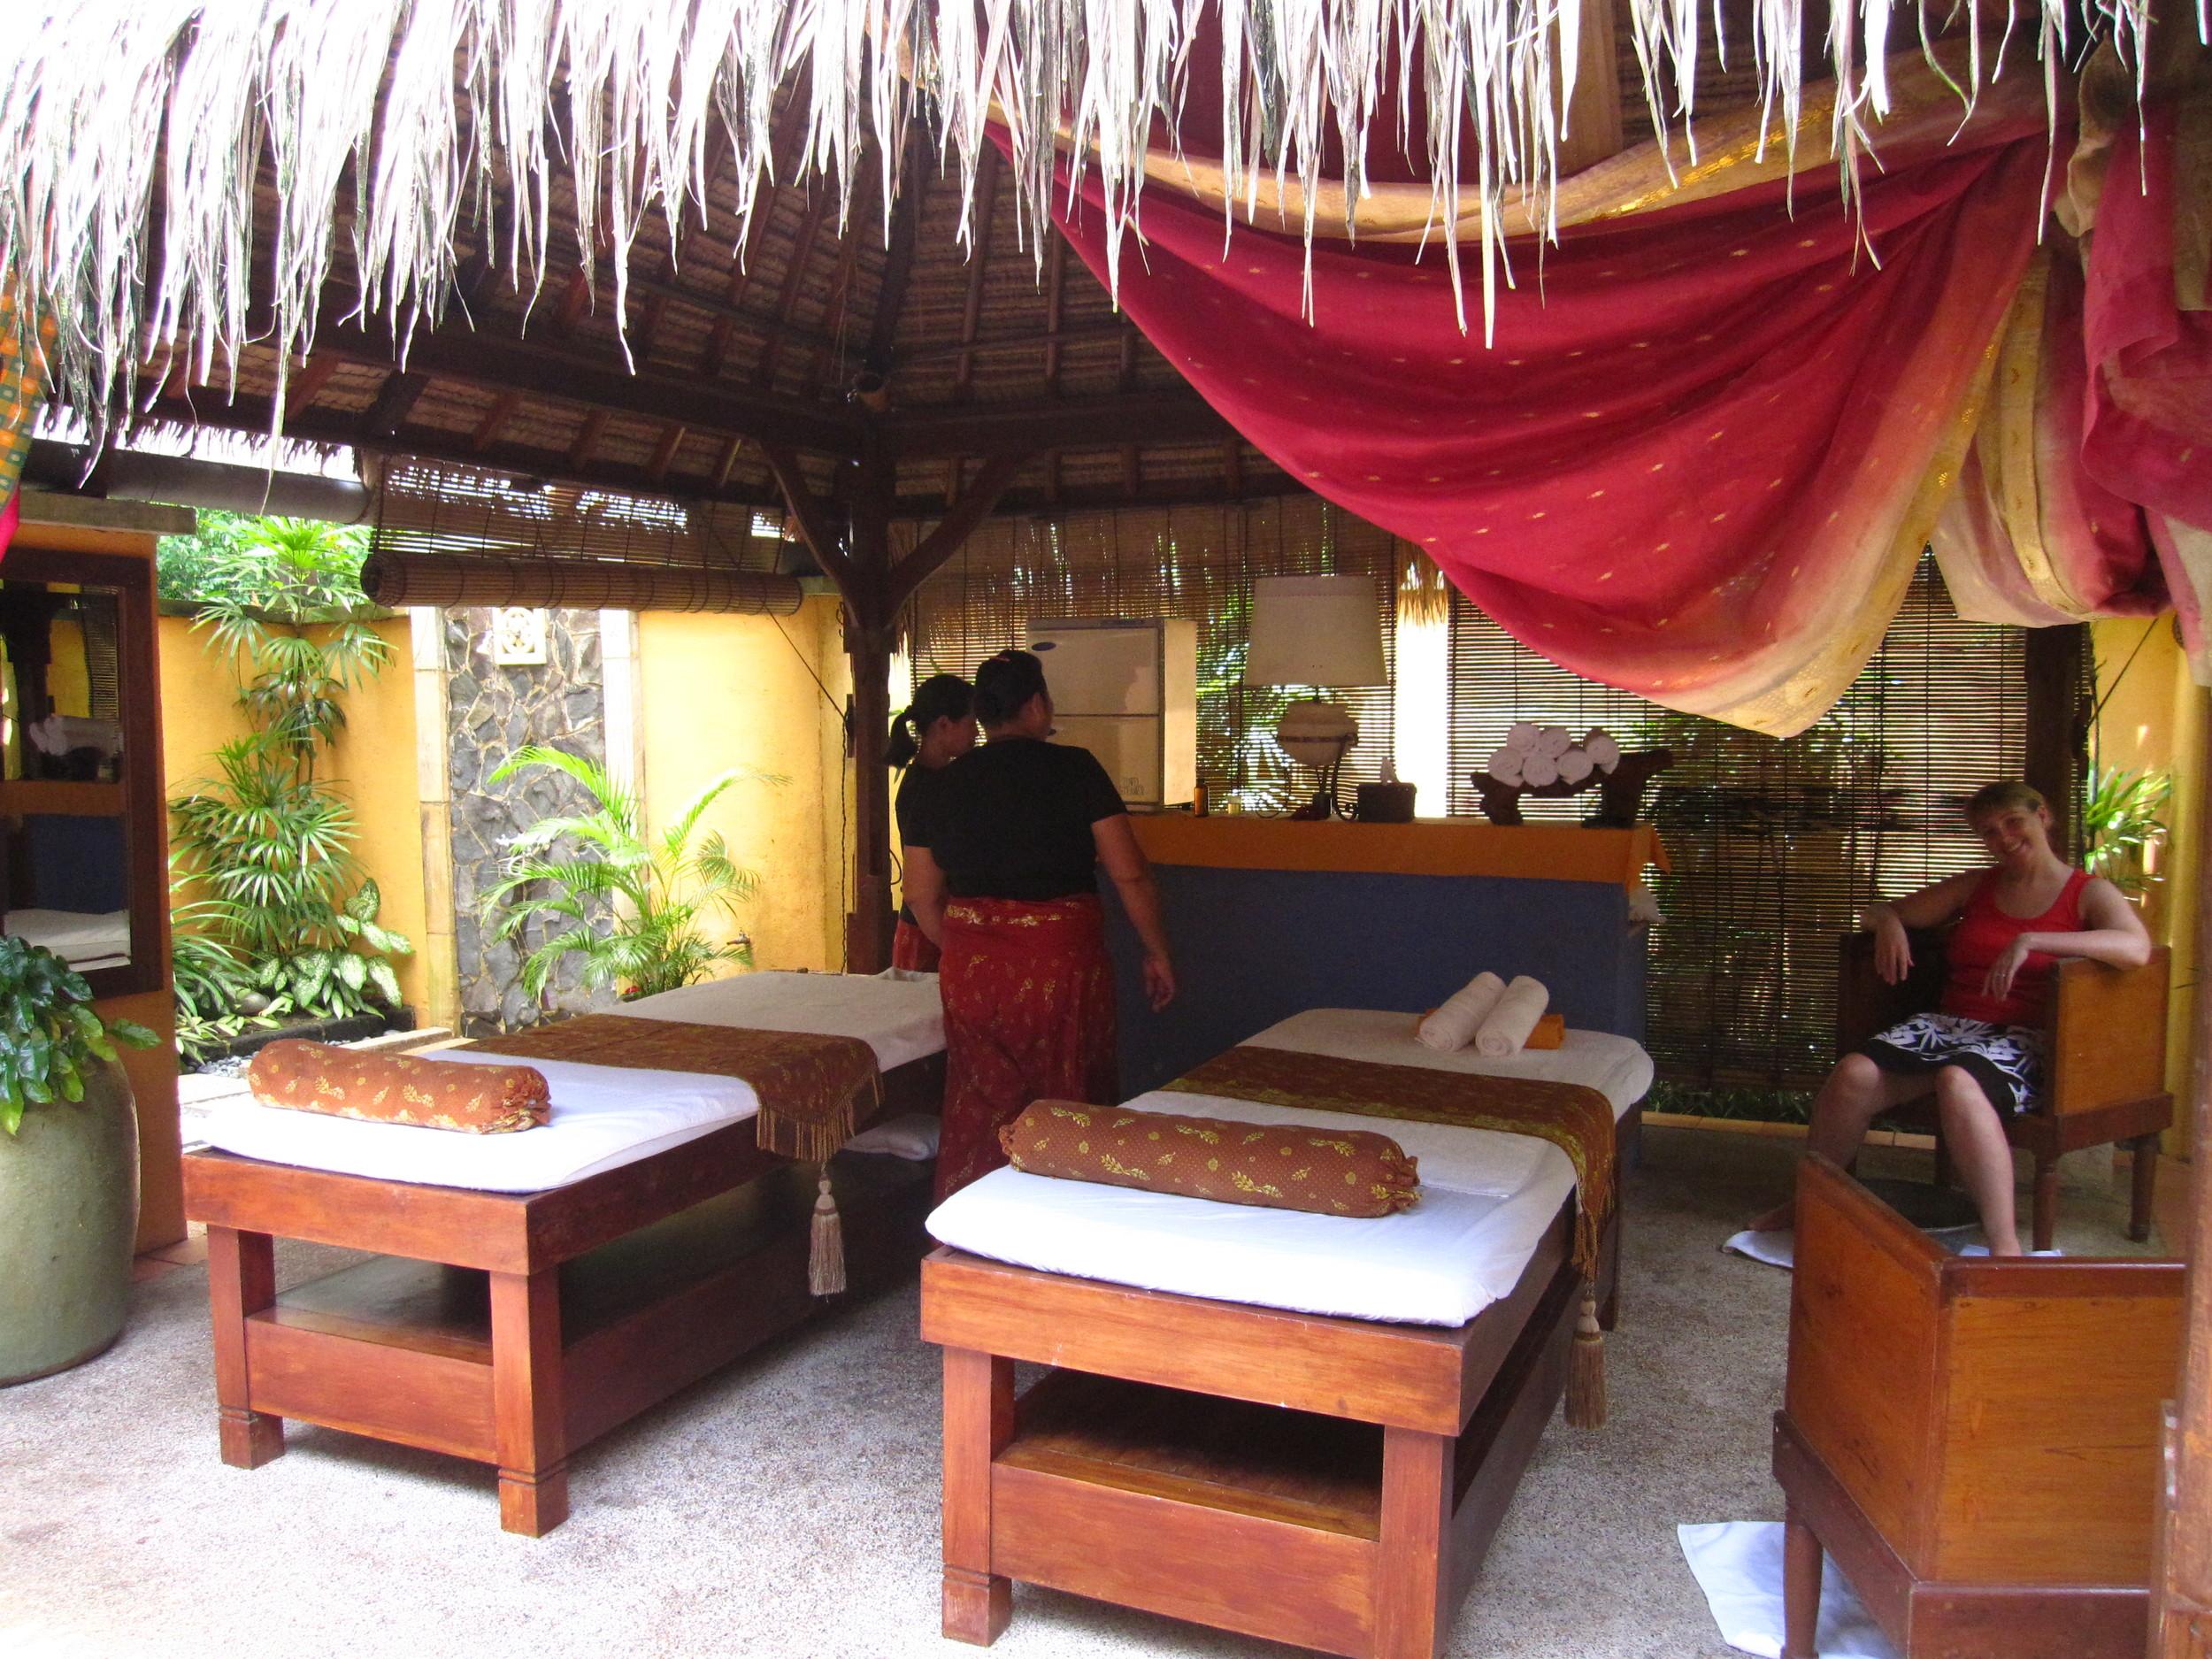 The lovely outdoor spa area at Mayang Sari, Bintan